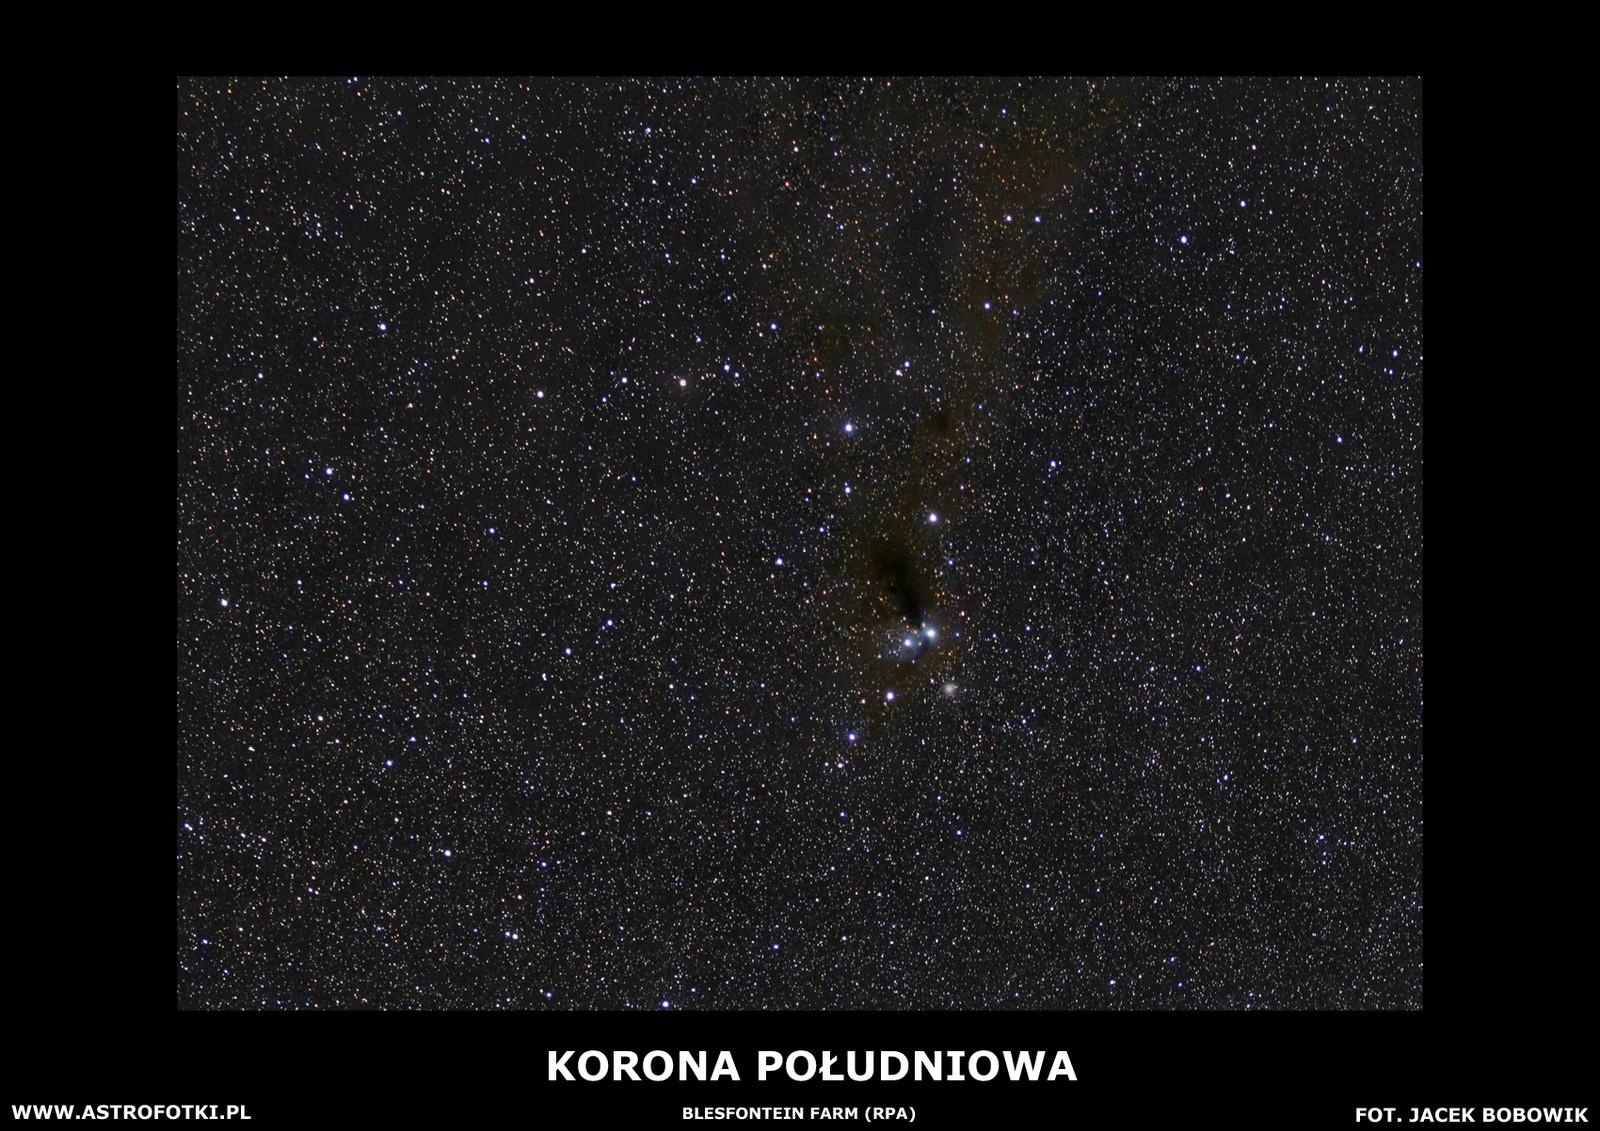 astrofotki | Constelations